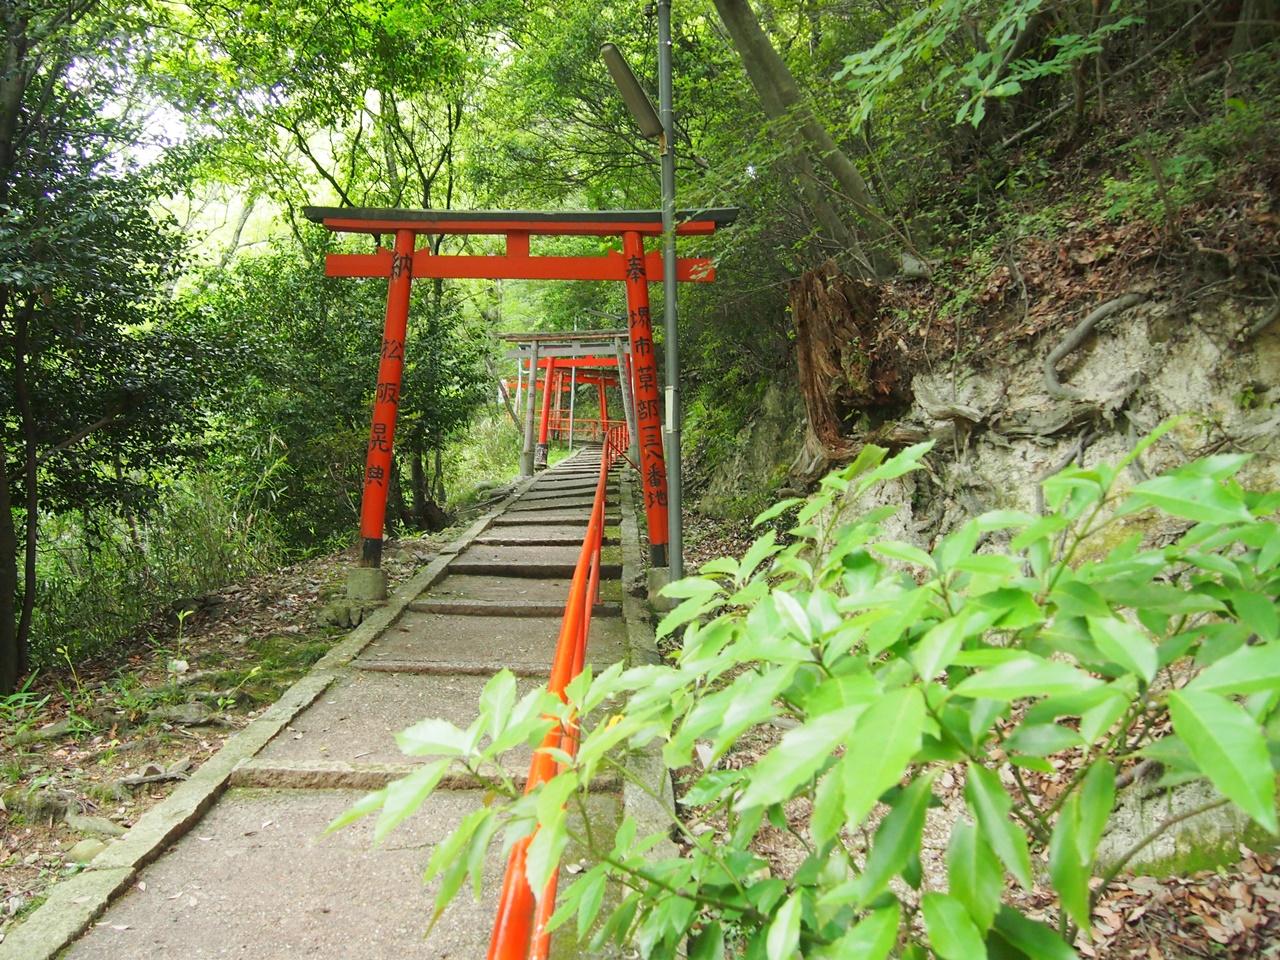 信貴山 空鉢堂 頂上への上り坂